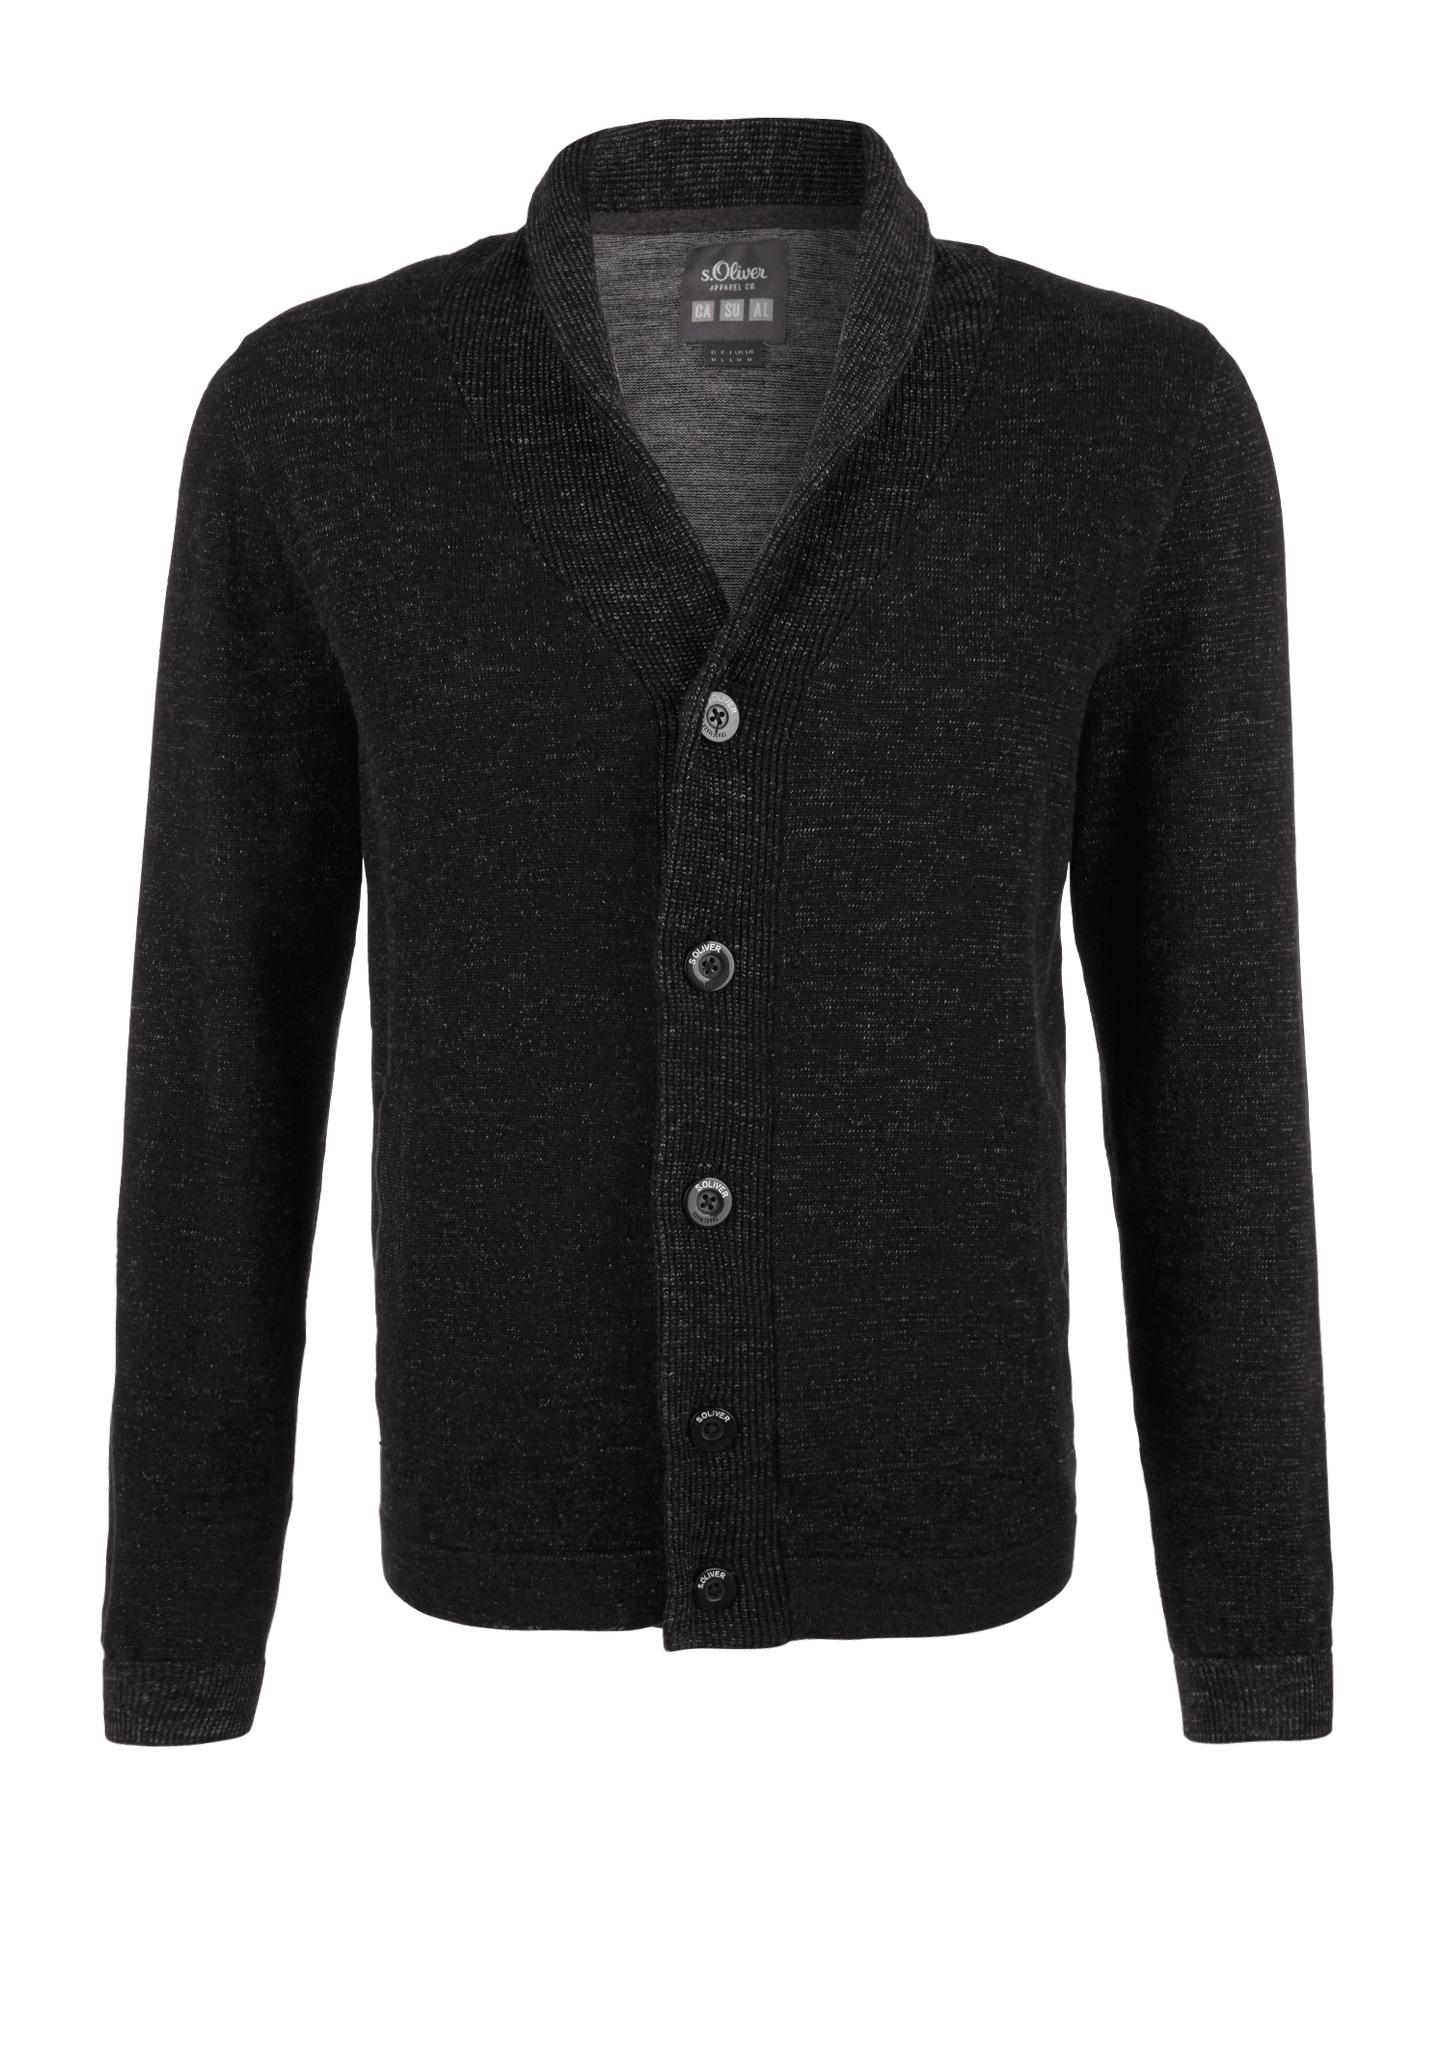 Strickjacke | Bekleidung > Strickjacken & Cardigans > Strickjacken | Grau/schwarz | 100% baumwolle | s.Oliver